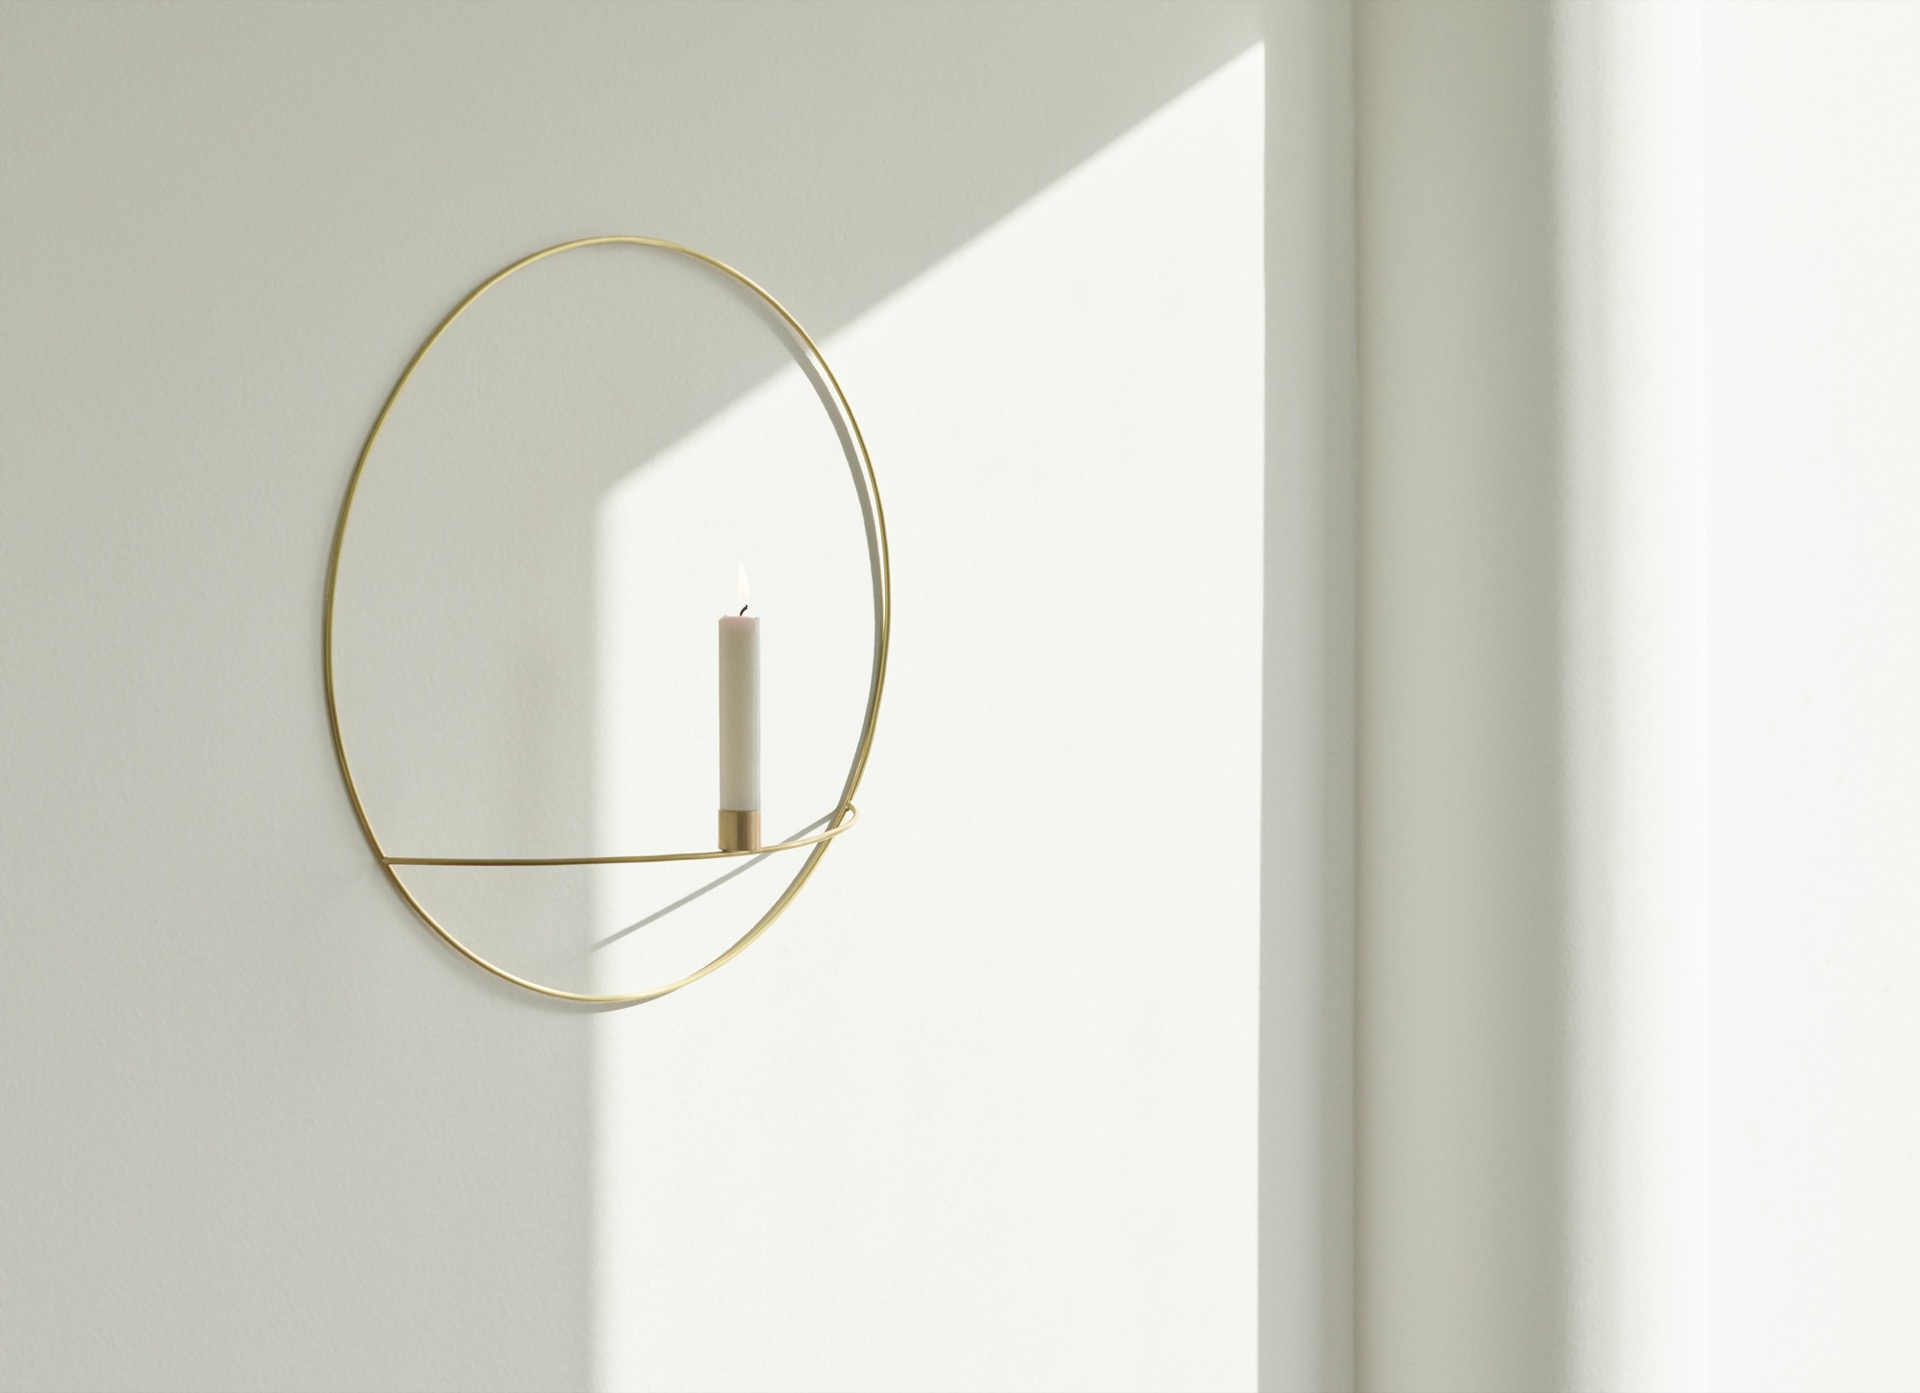 Schönes Ambiente Bild vom dänischem Möbel Hersteller Menu